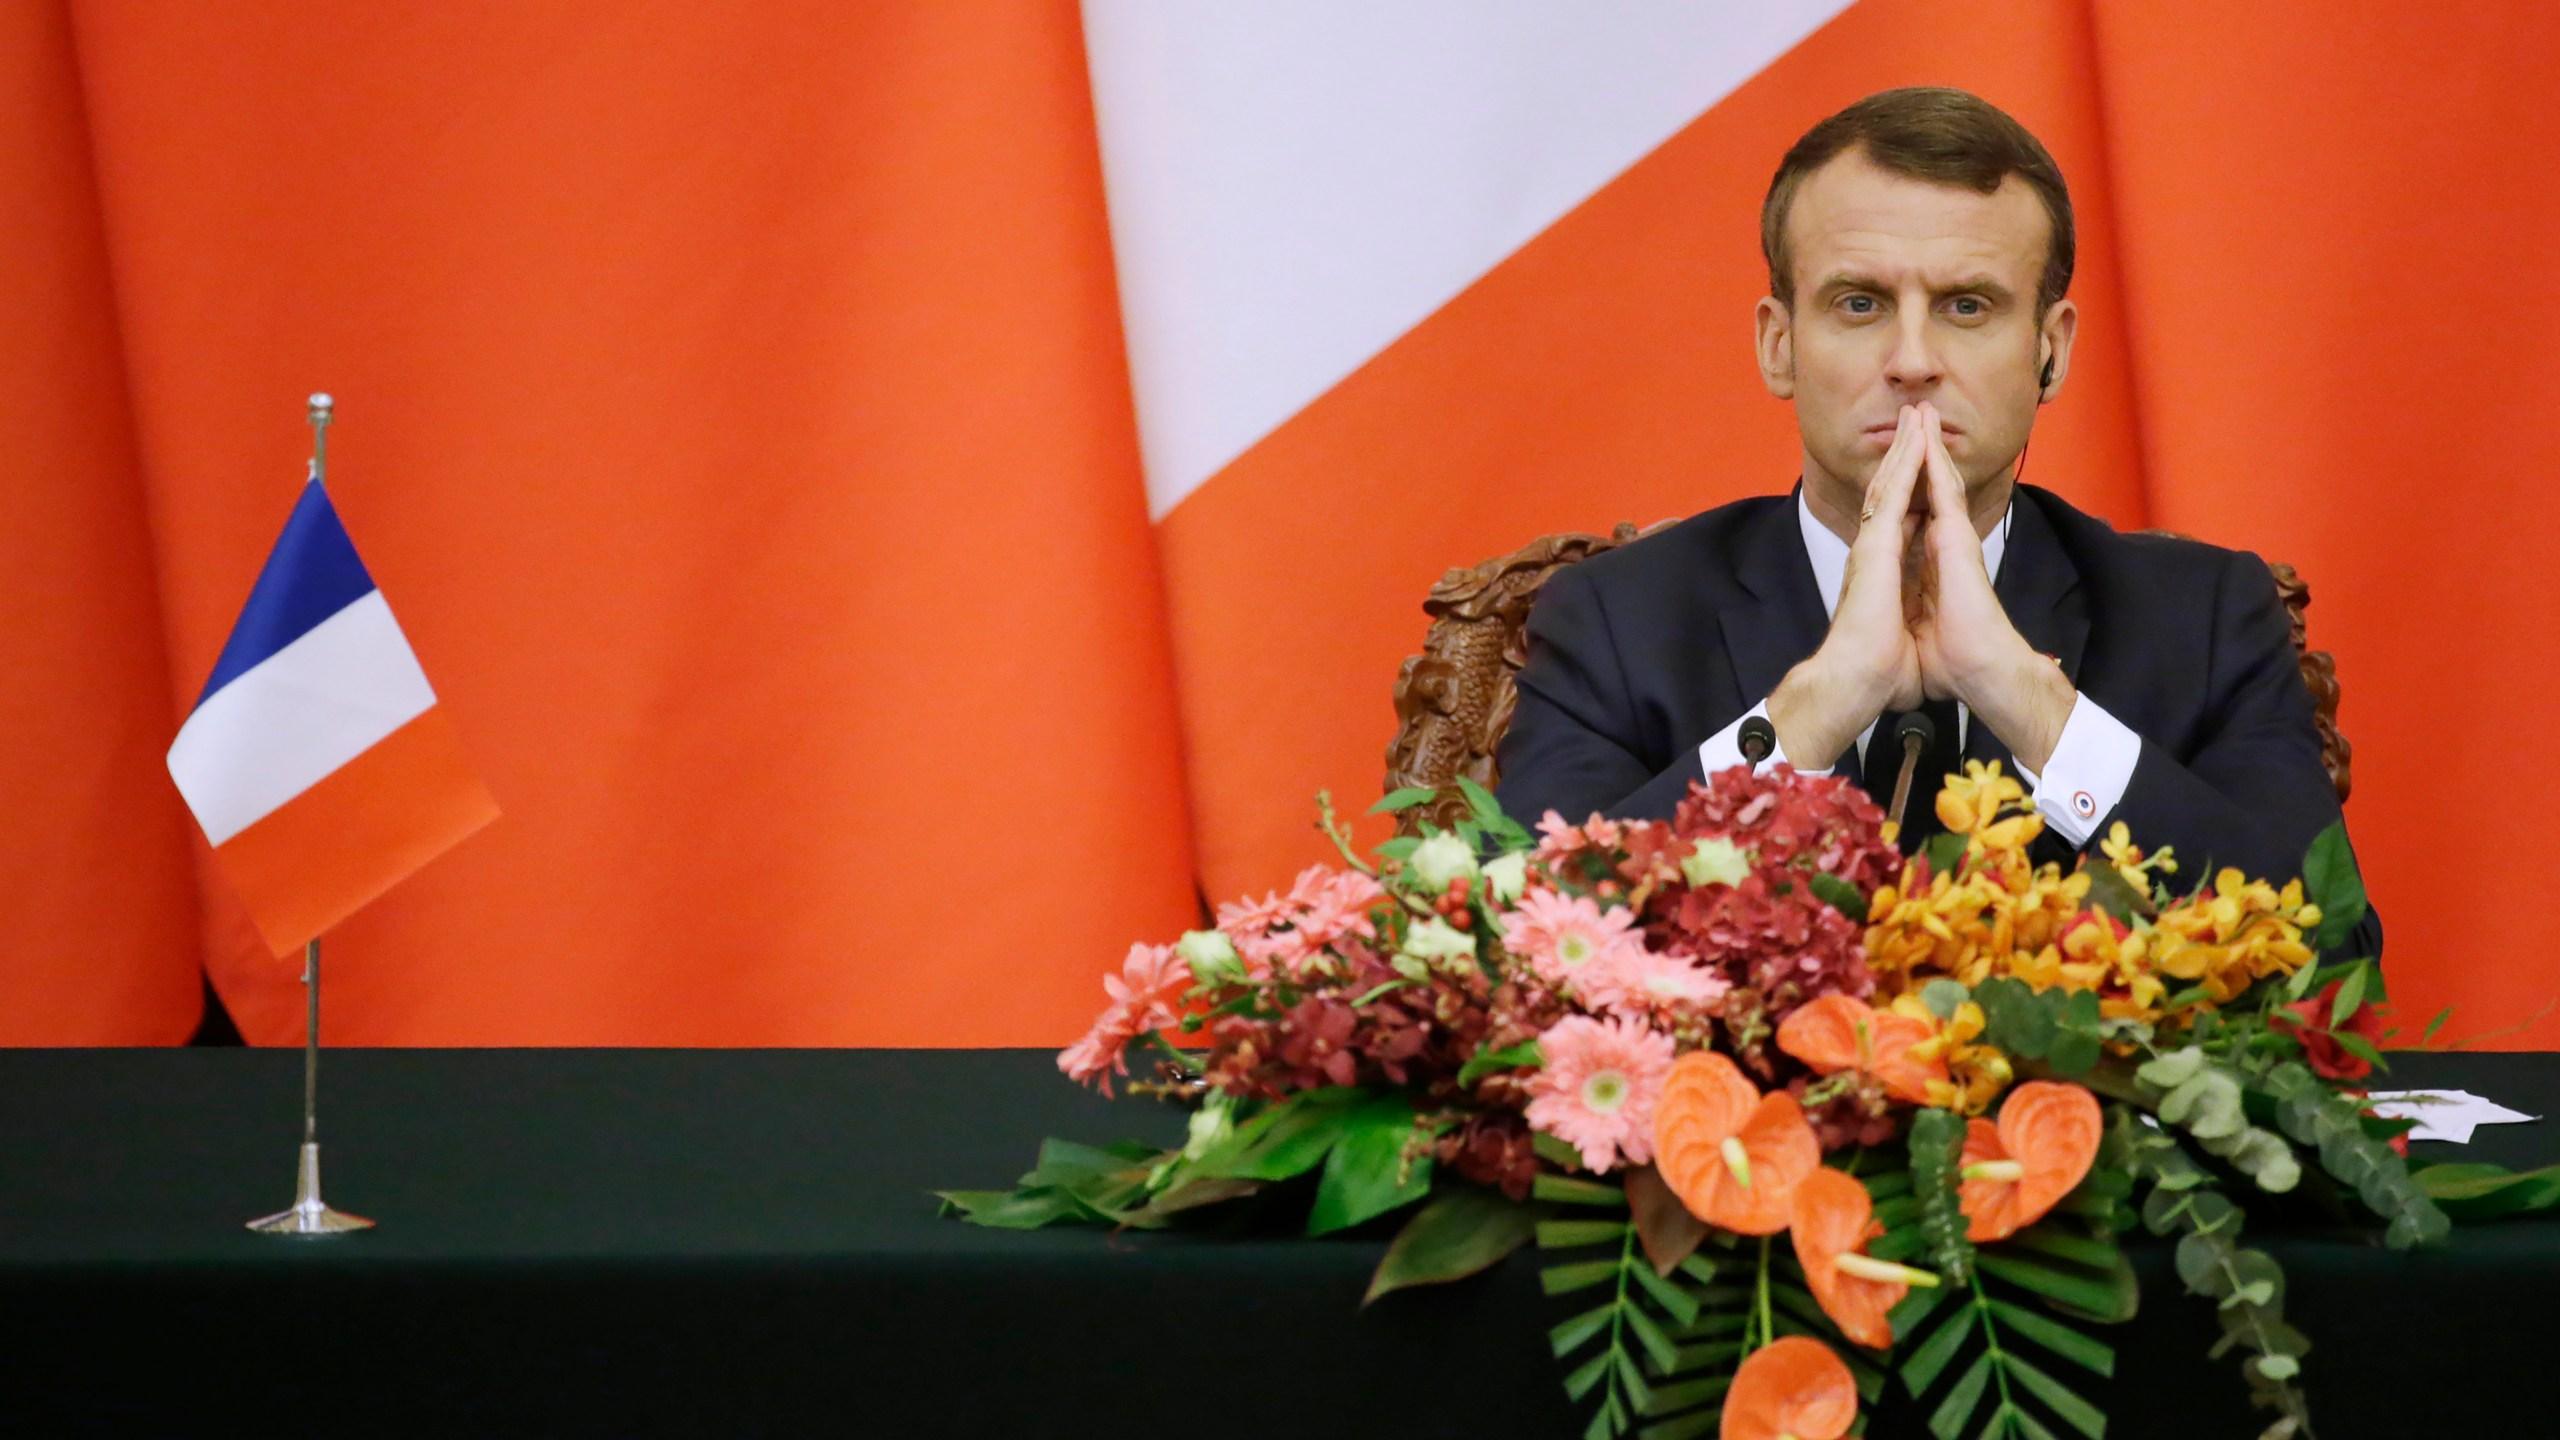 Emmanuel Macron